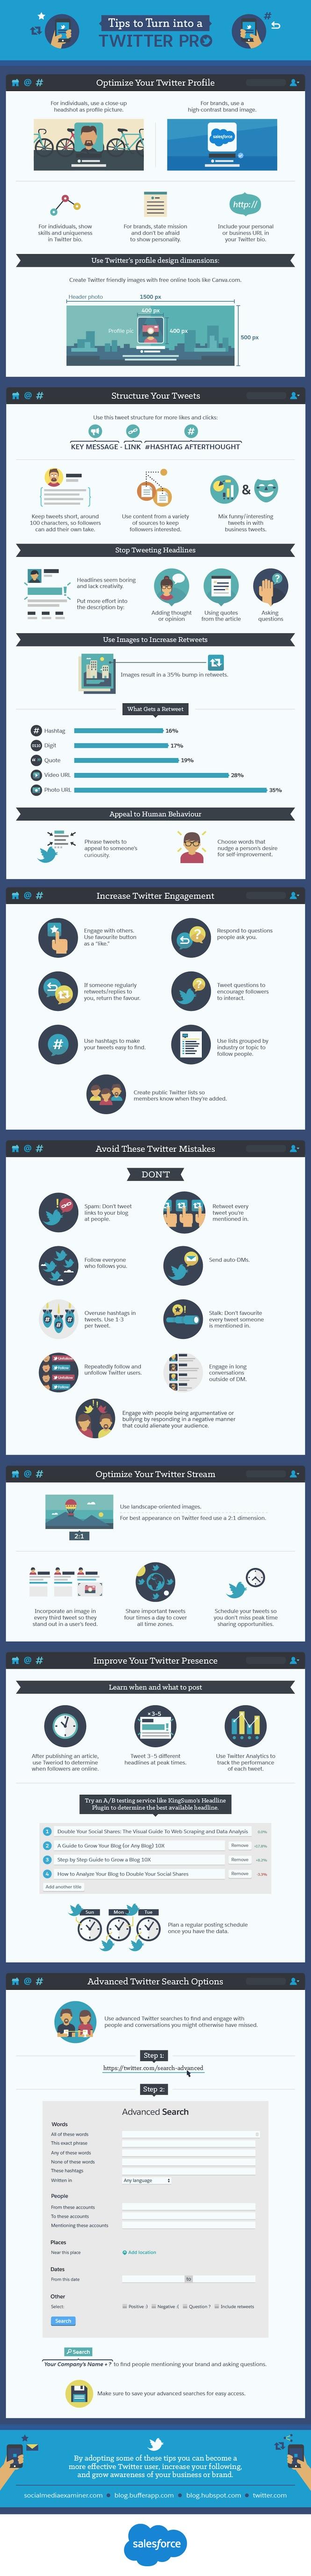 infografica-twitter